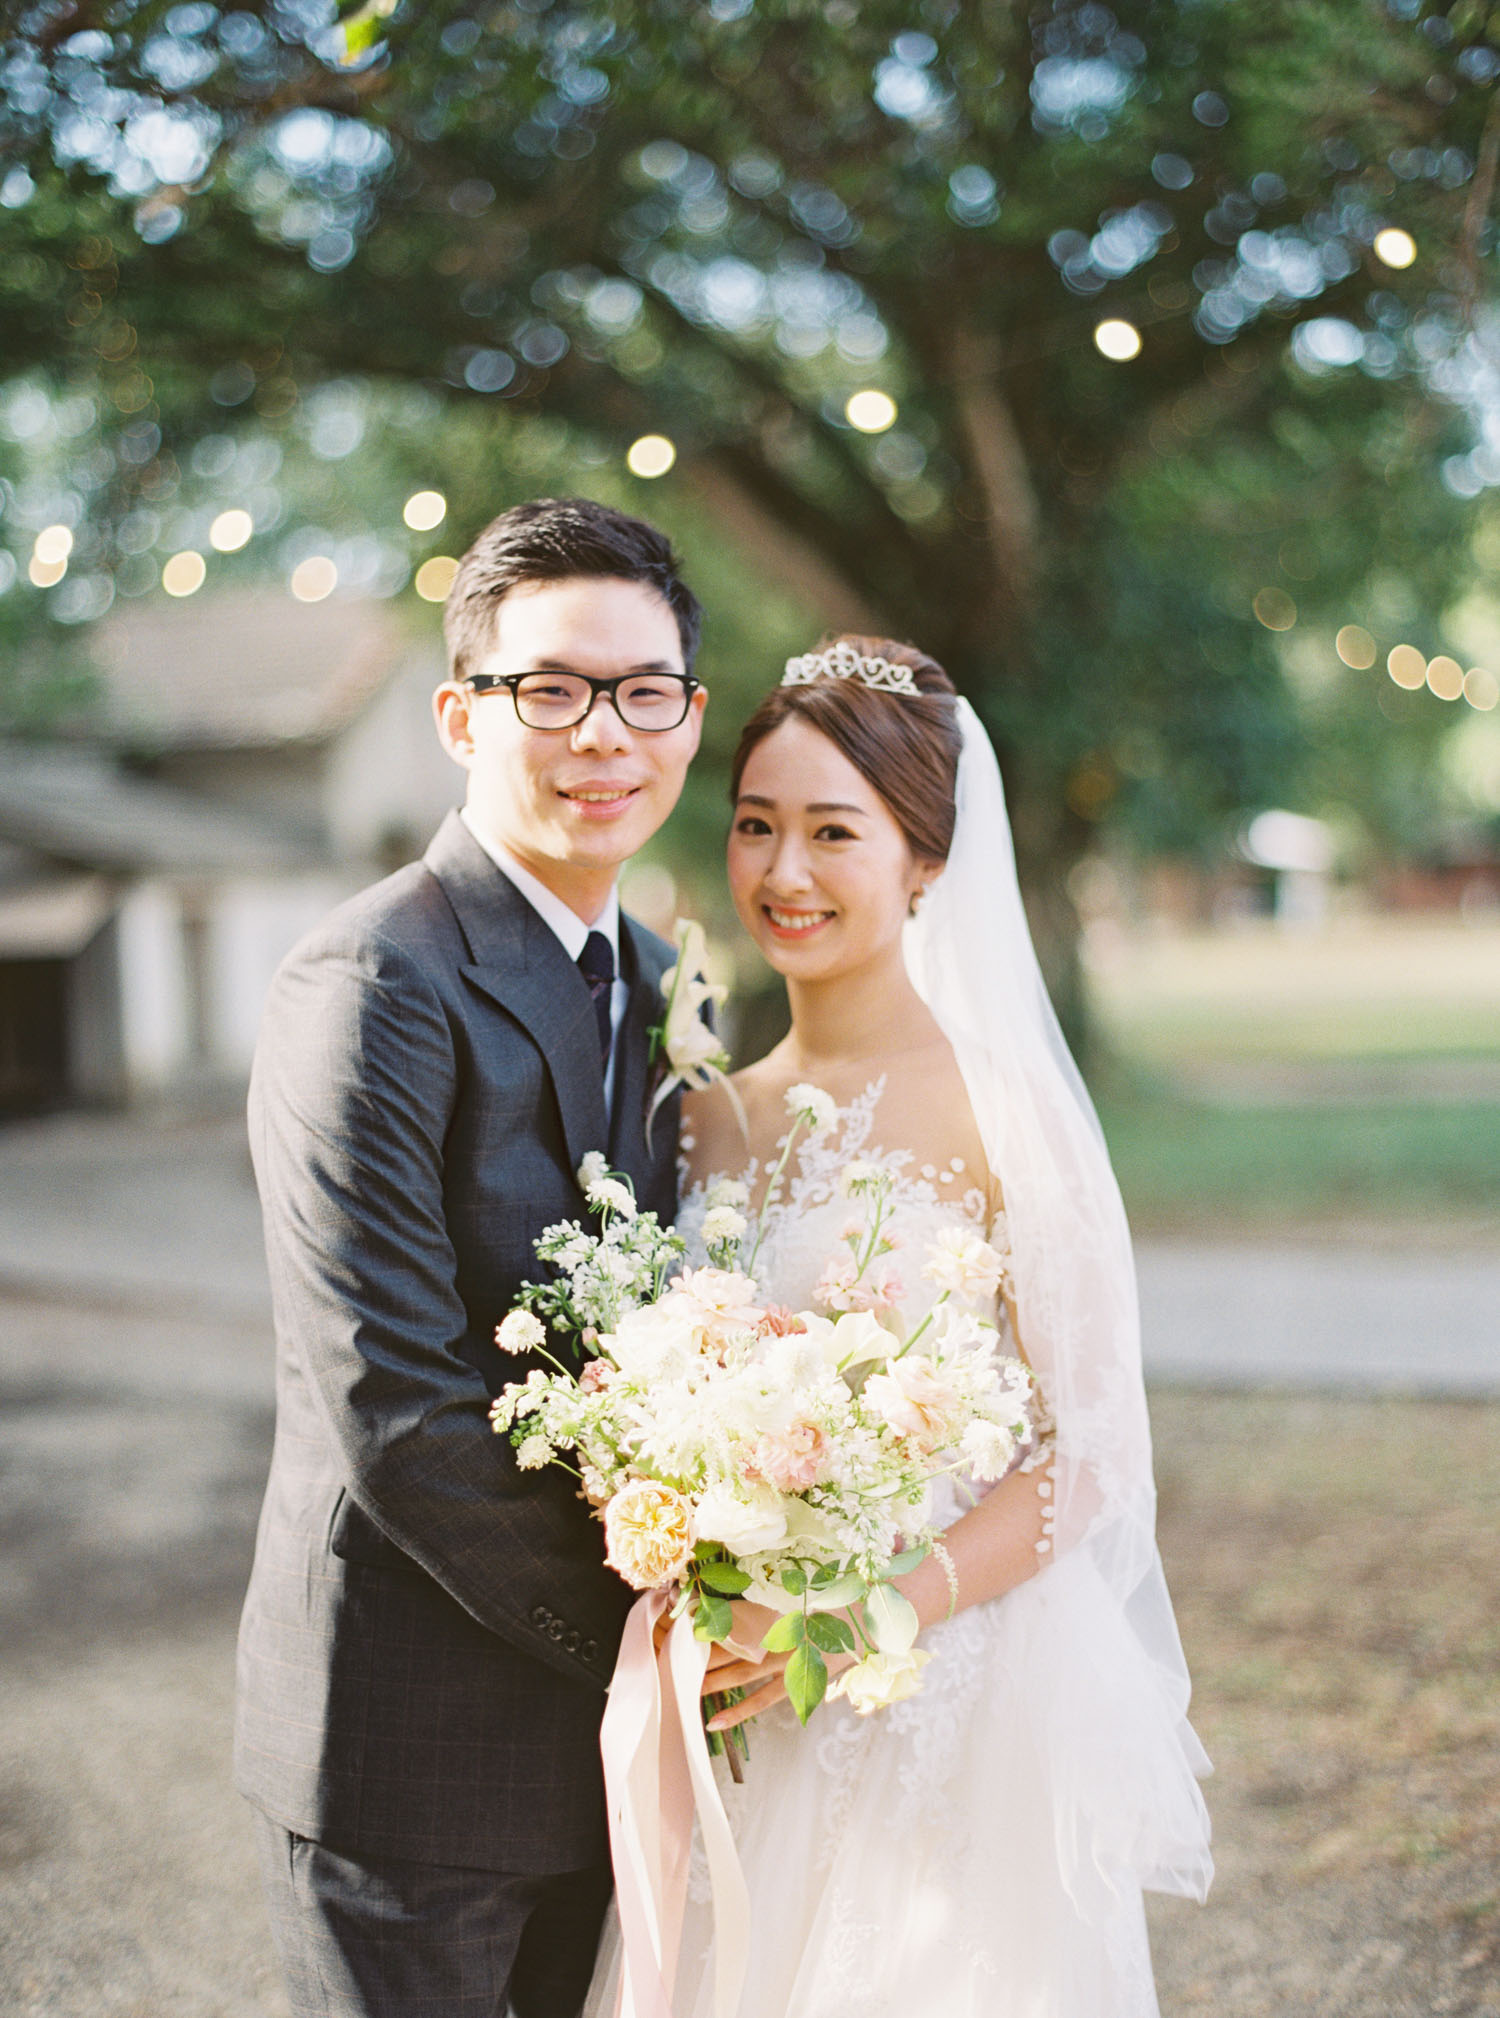 婚禮-顏氏牧場-底片-STAGE-Mark-後院花藝-新娘捧花